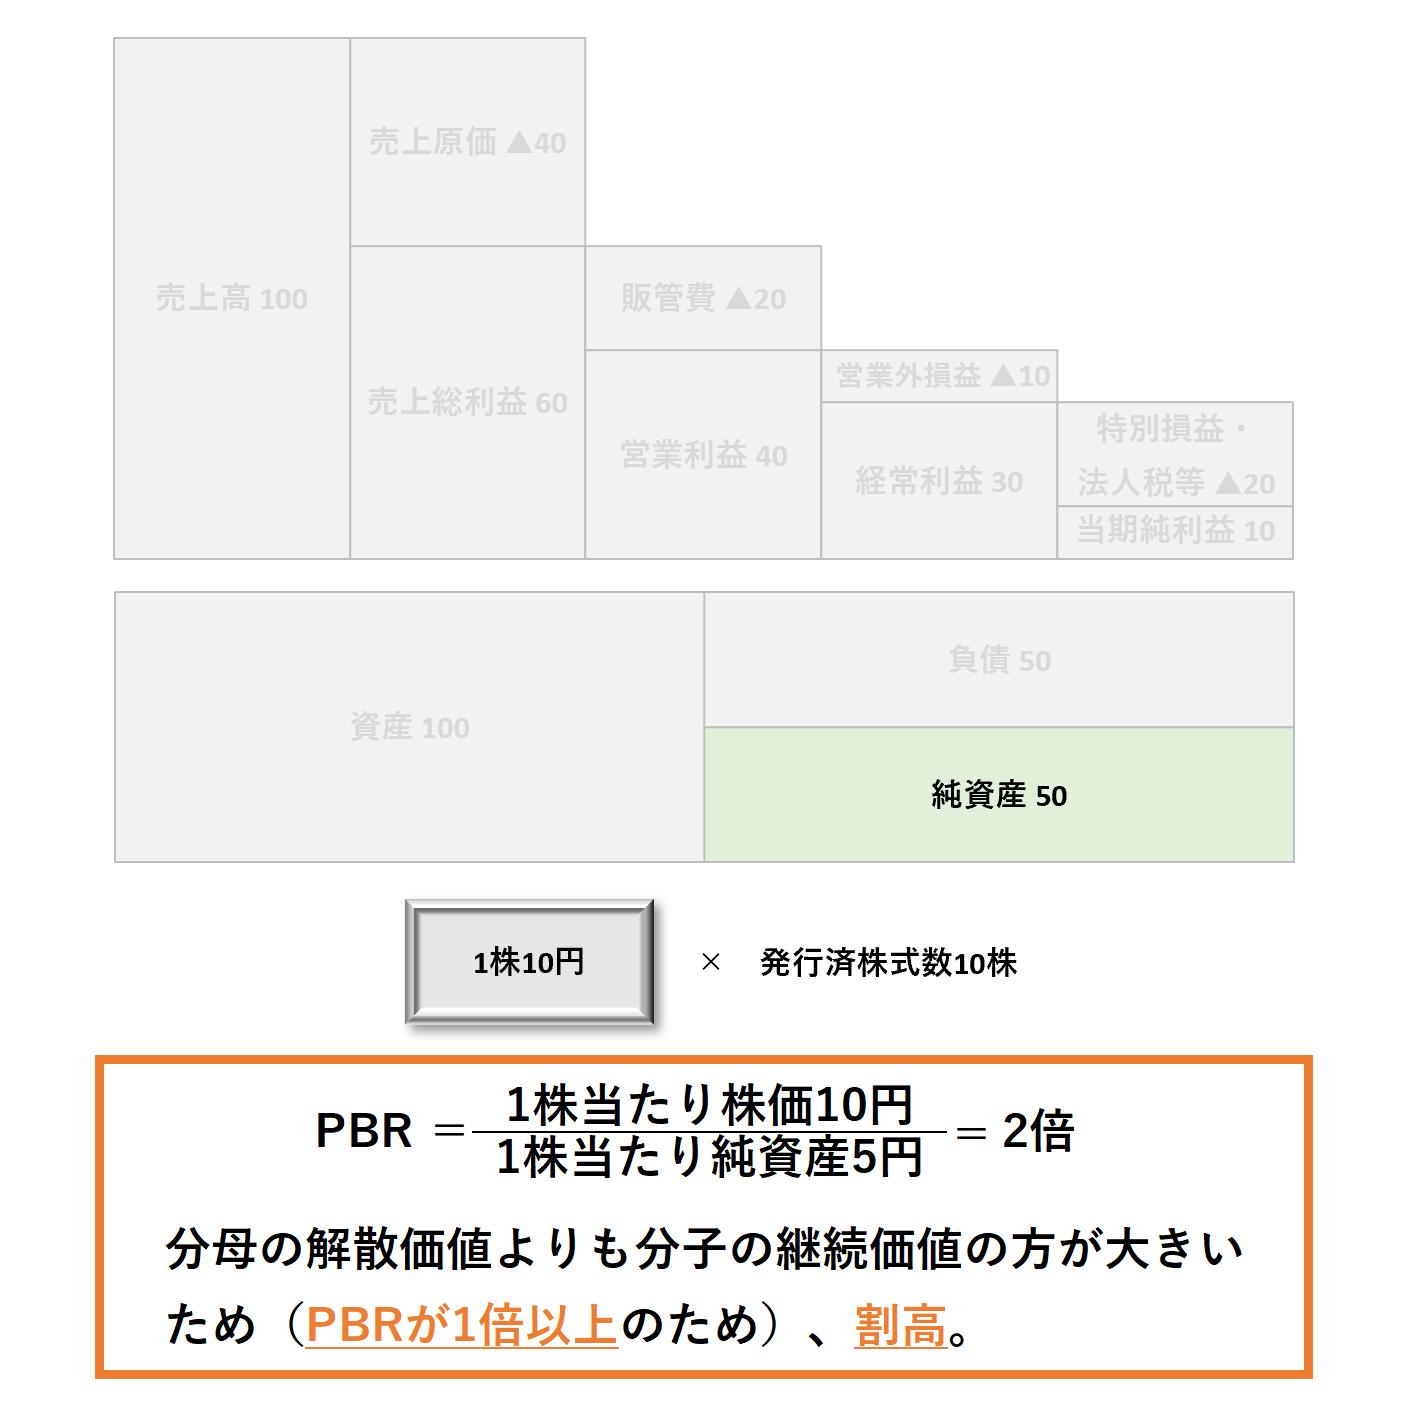 1人当たり分析(3級):PBR割高割安ー解答